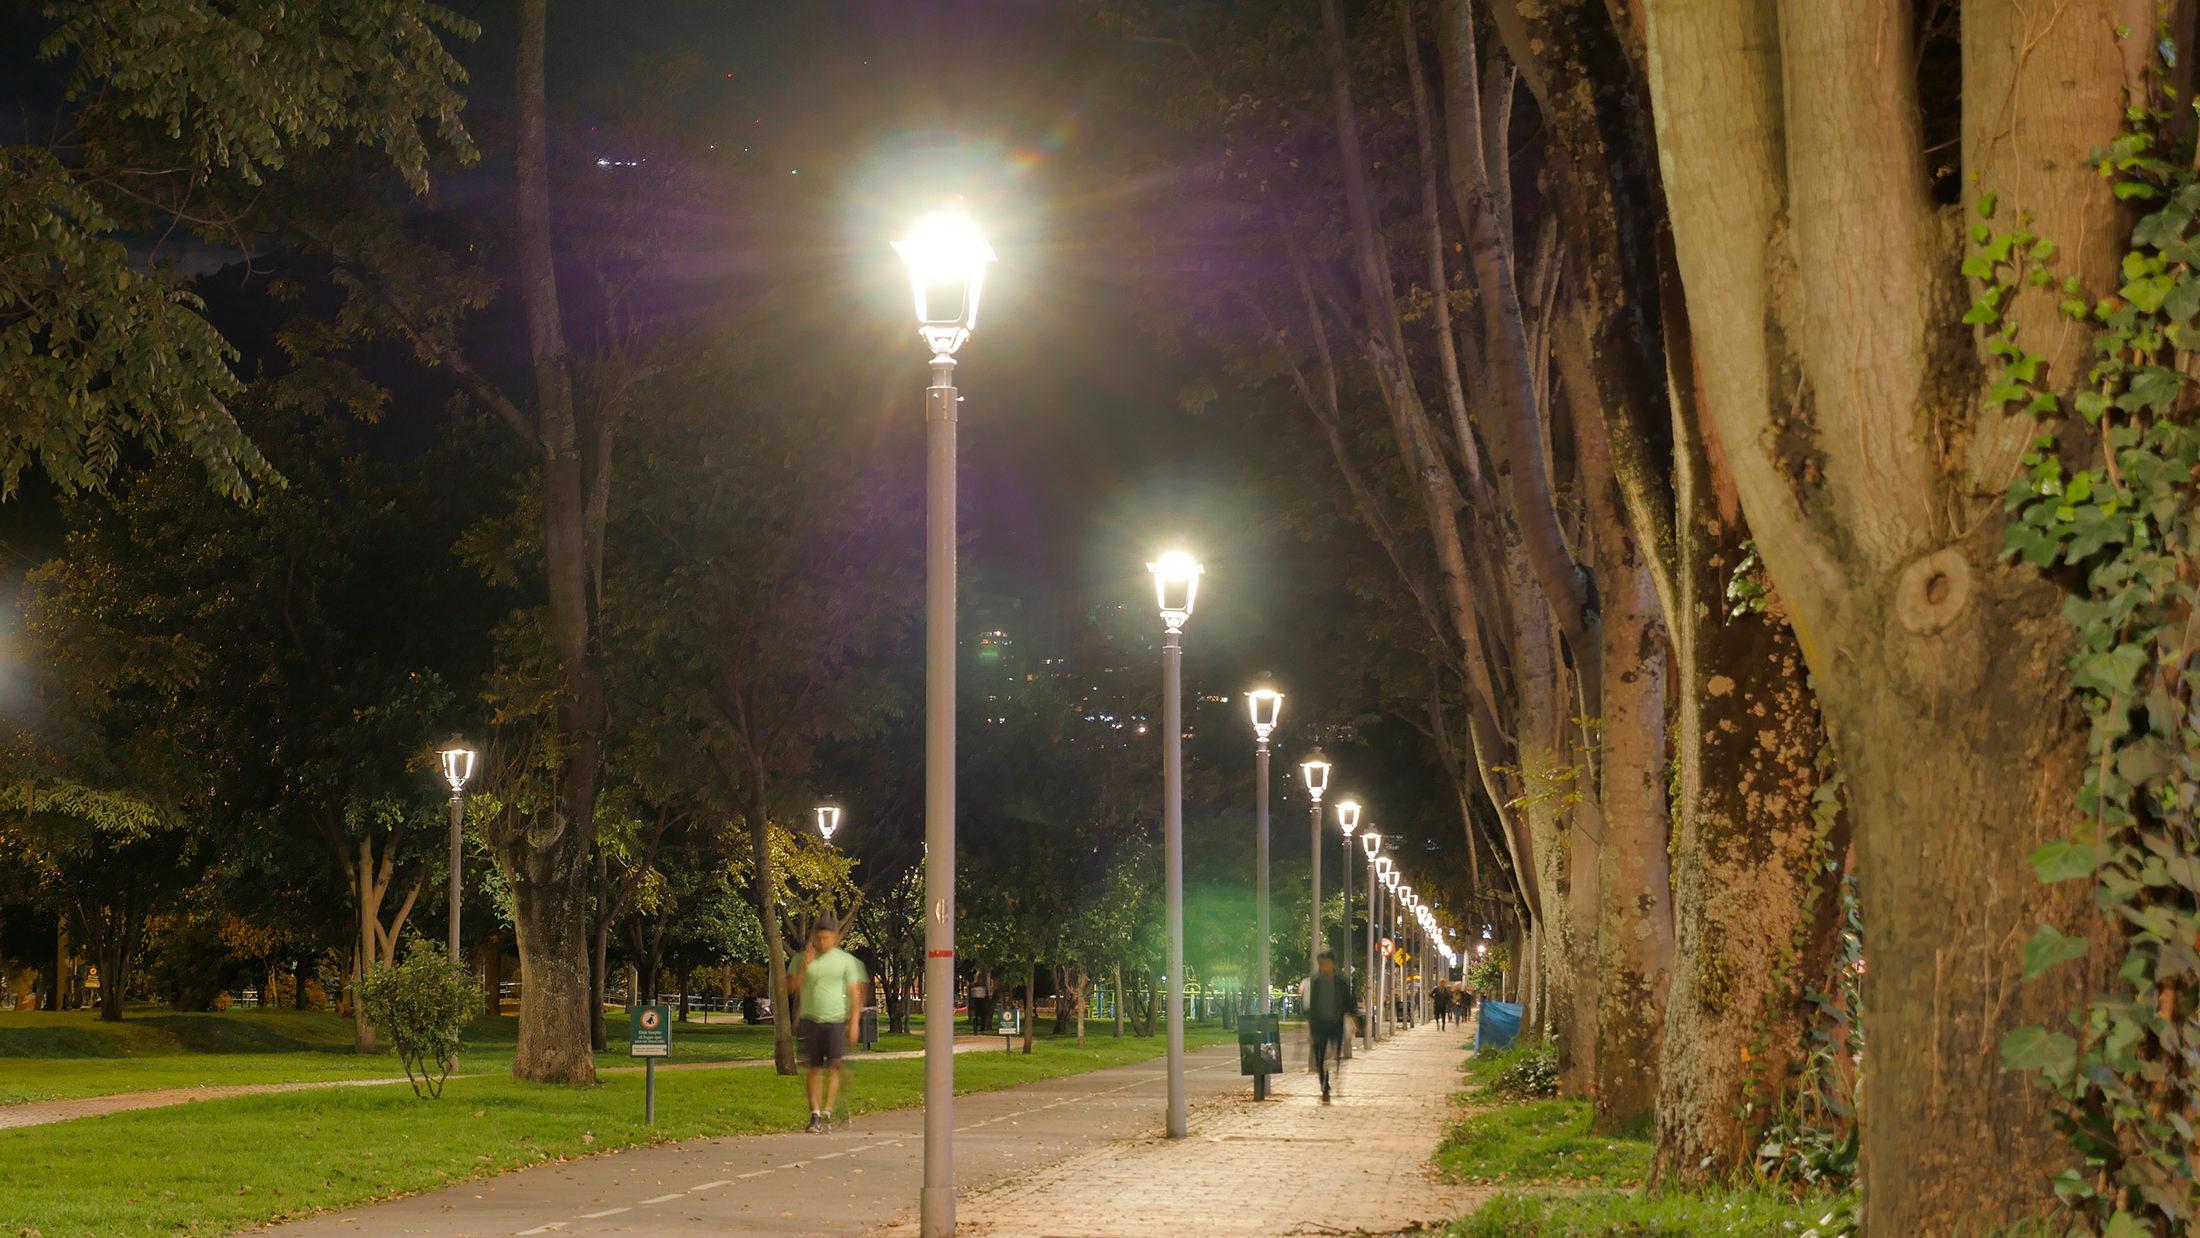 Public Lighting in Bogotá